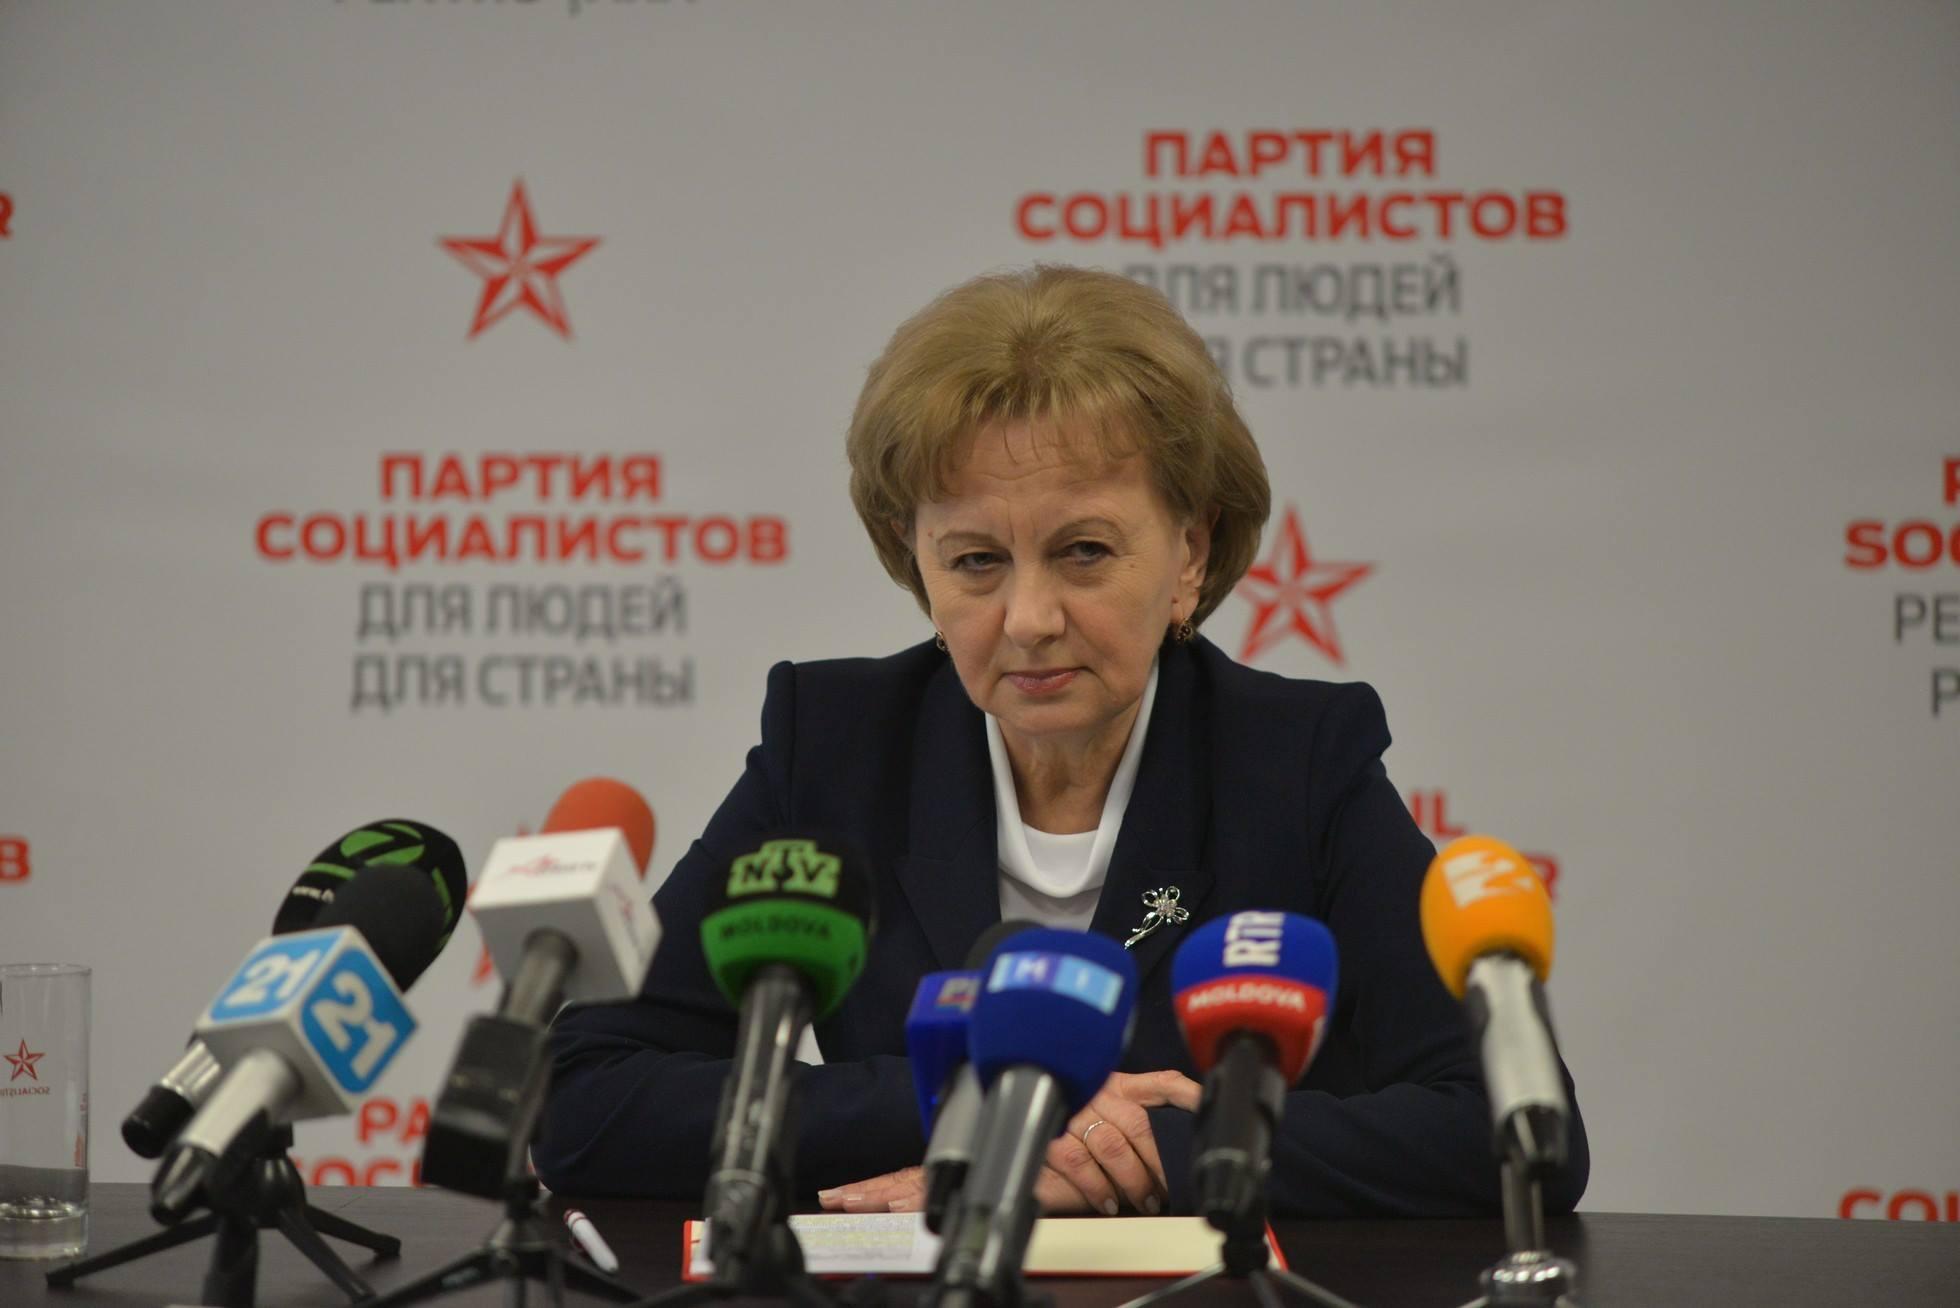 Гречаный: Уверена, что под руководством Путина Россия достигнет новых успехов в своем развитии, а отношения между нашими странами будут развиваться (ФОТО)